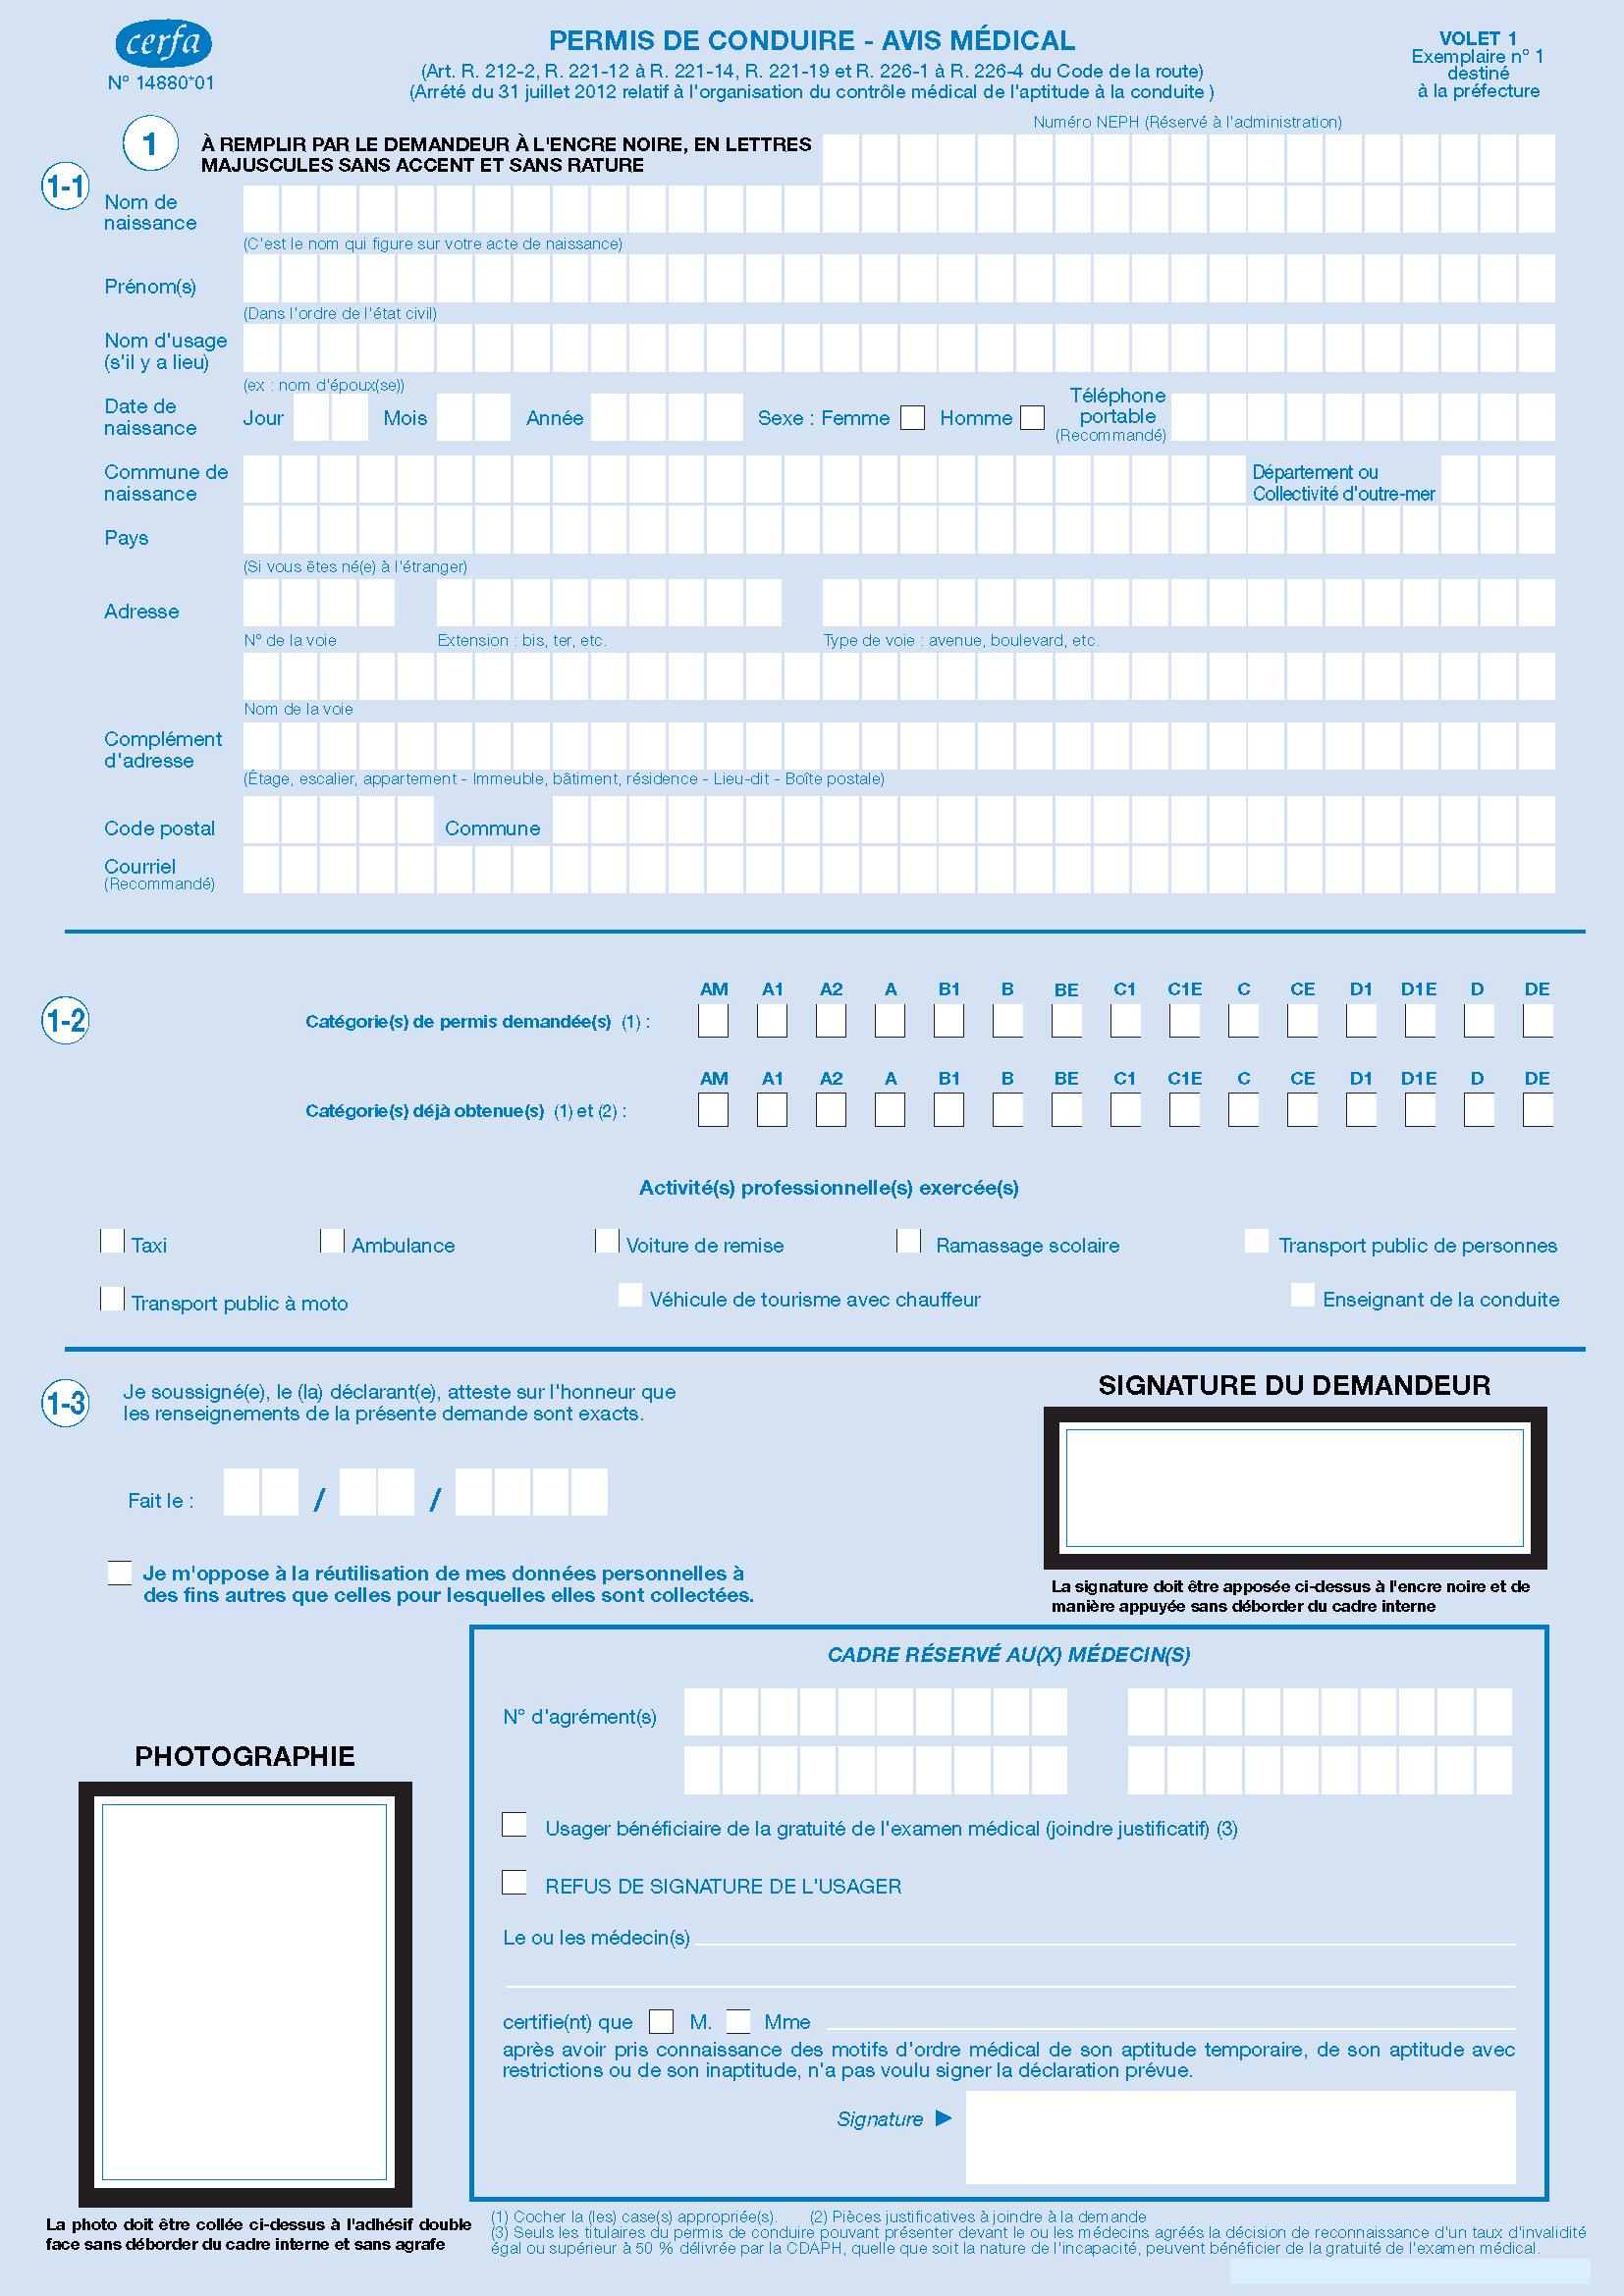 Formulaires administratifs et cerfa for Formulaire cerfa demande de permis de construire